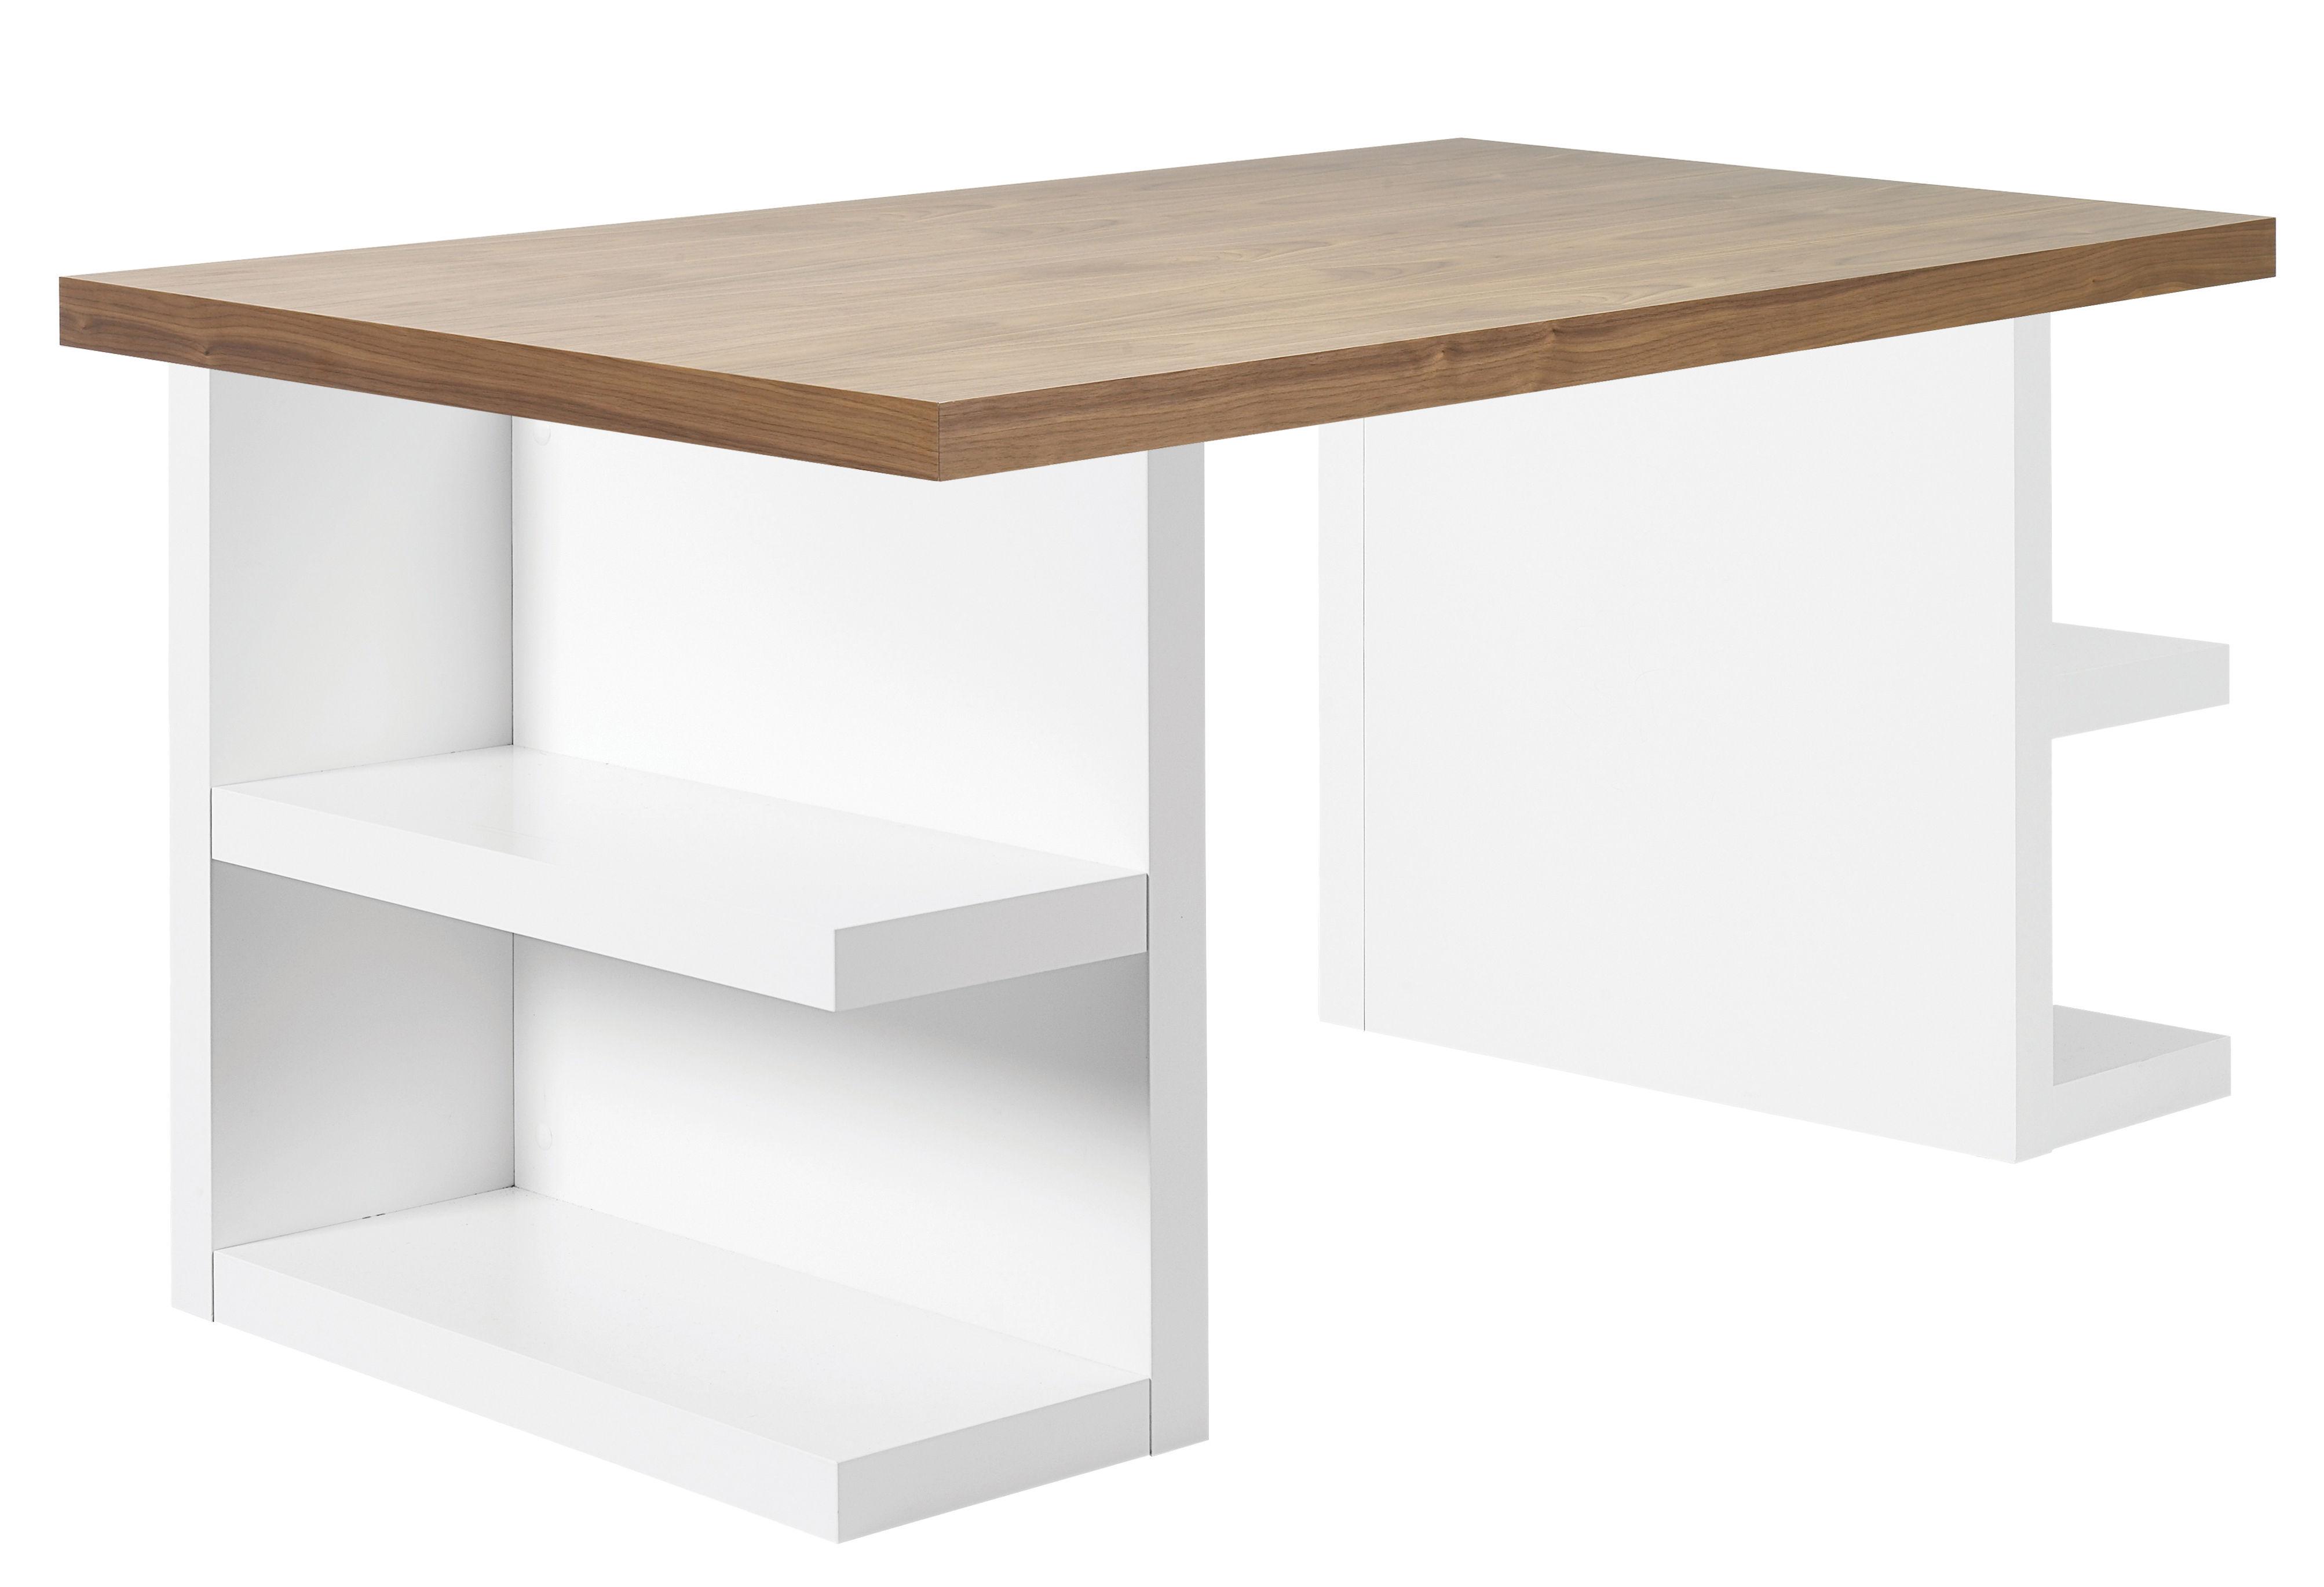 buttress schreibtisch mit integrierten regalf chern l 180 cm nussbaum tischbeine wei by. Black Bedroom Furniture Sets. Home Design Ideas